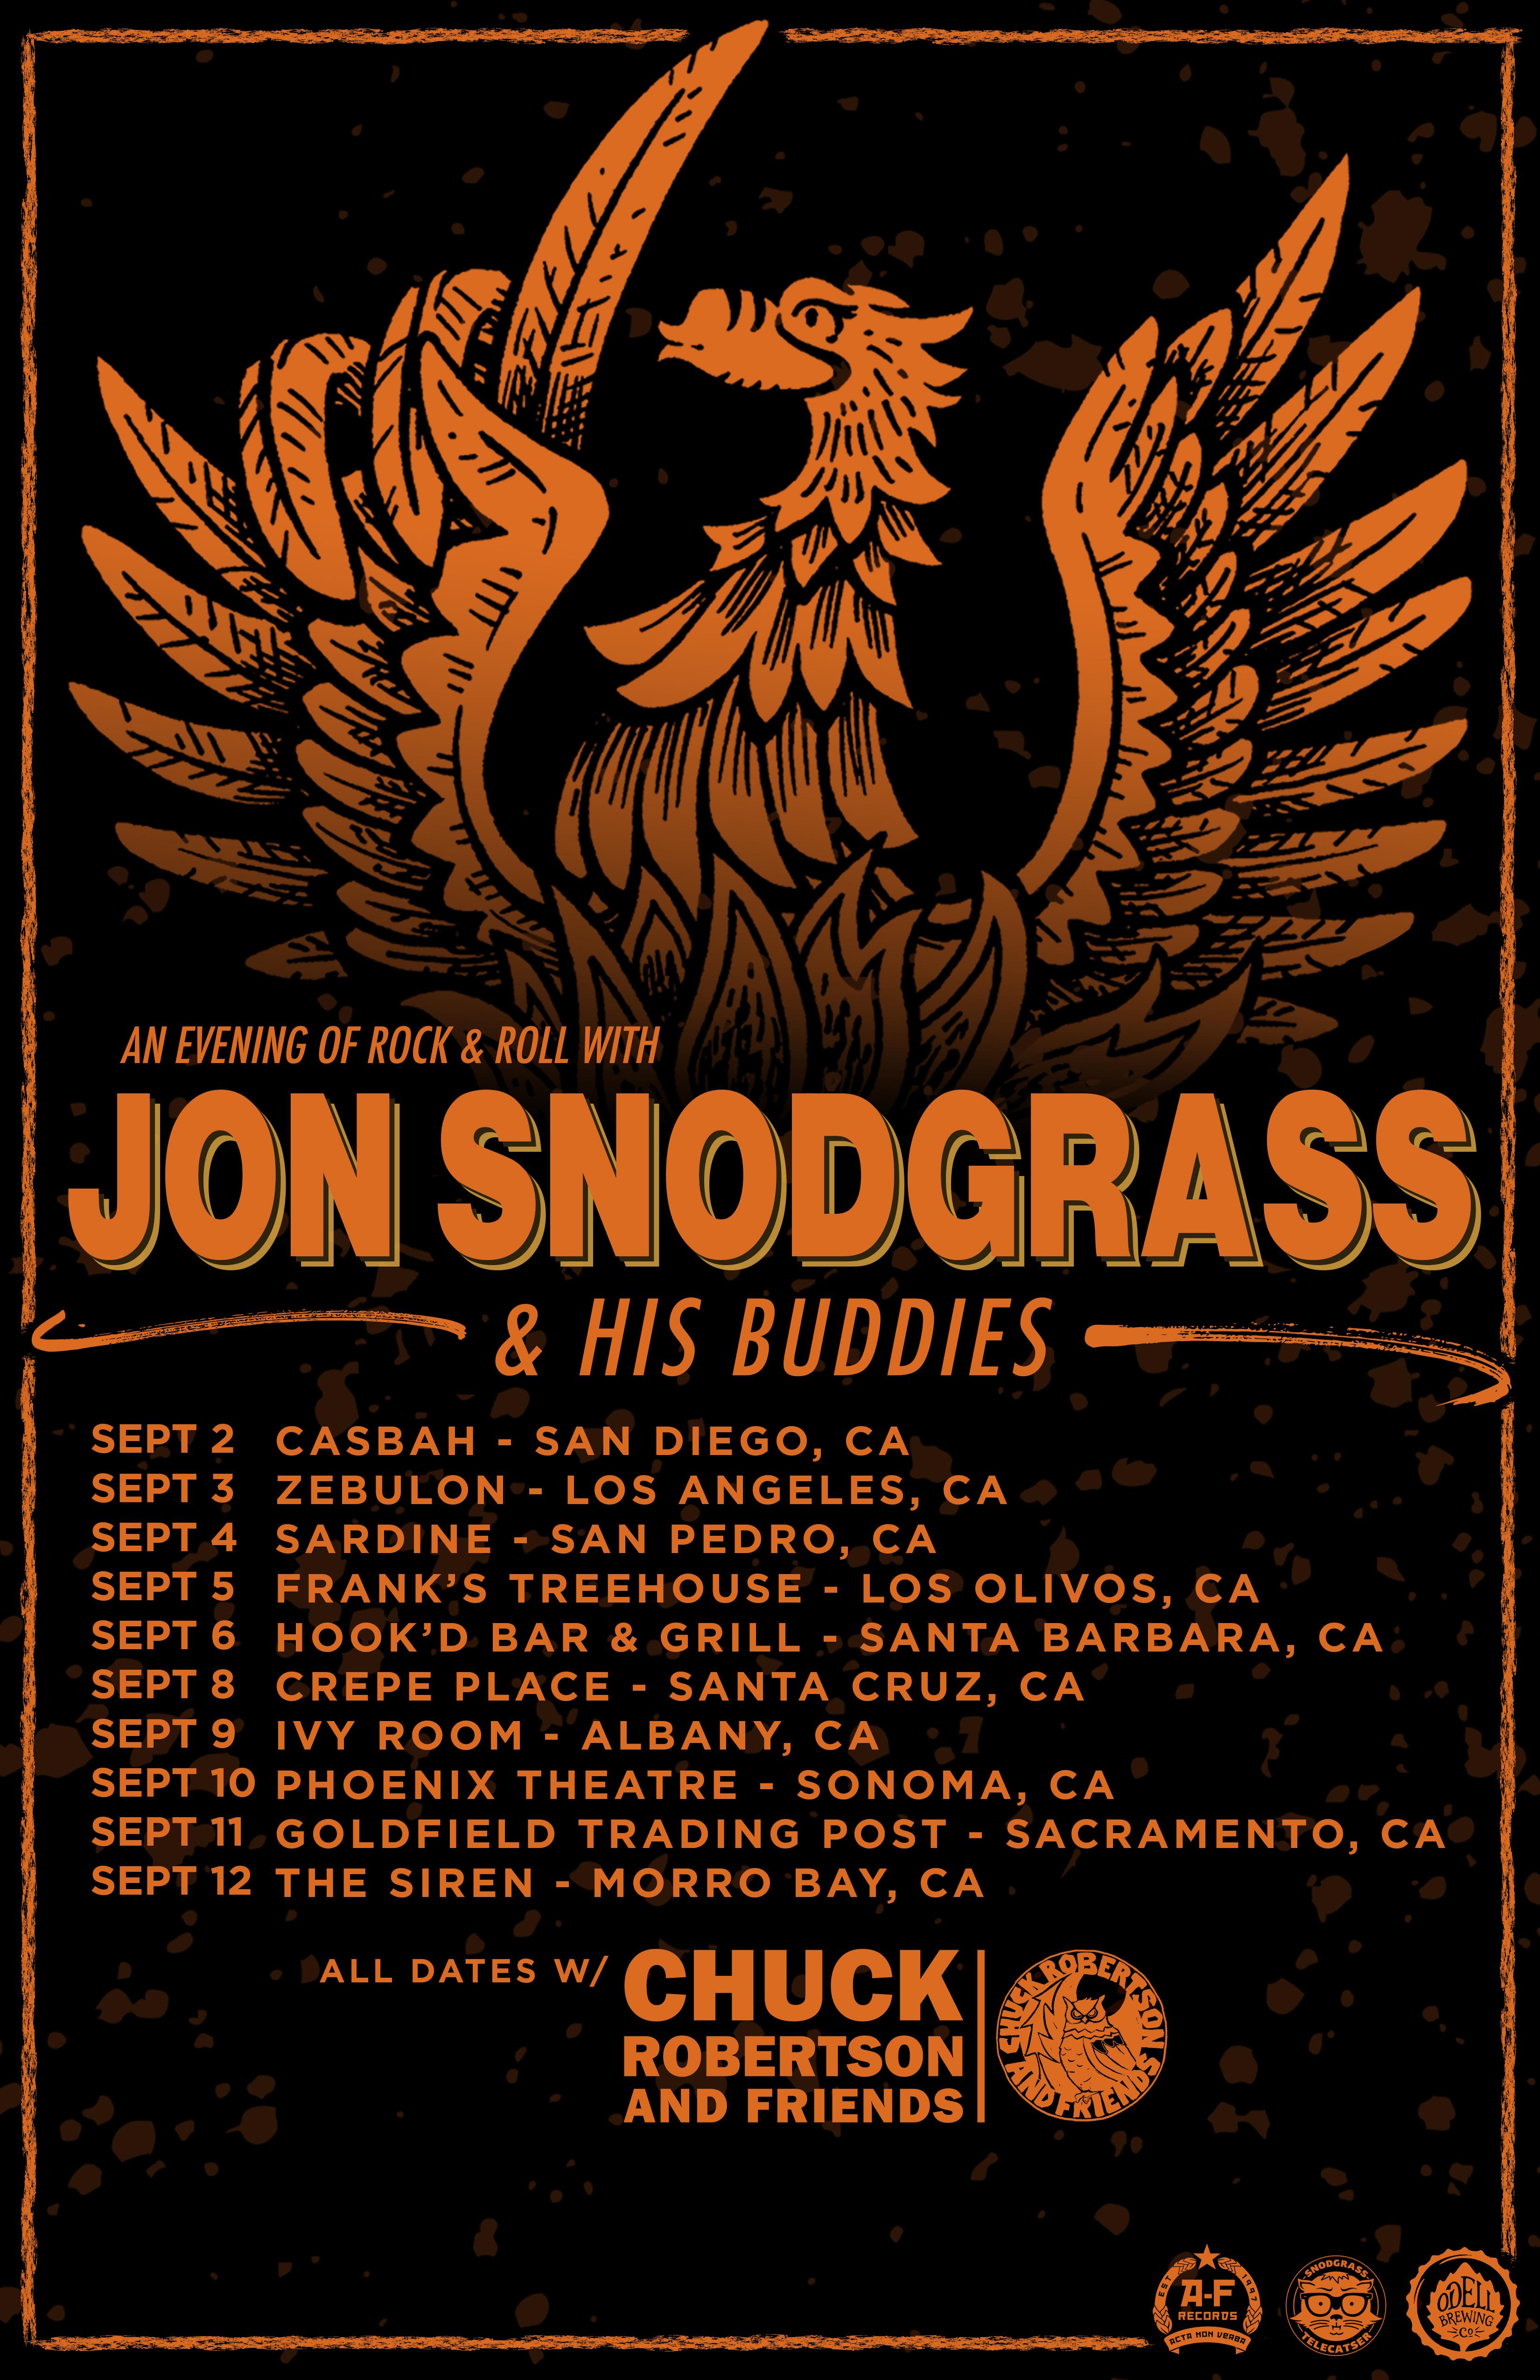 Jon Snodgrass - Fall Tour 2021